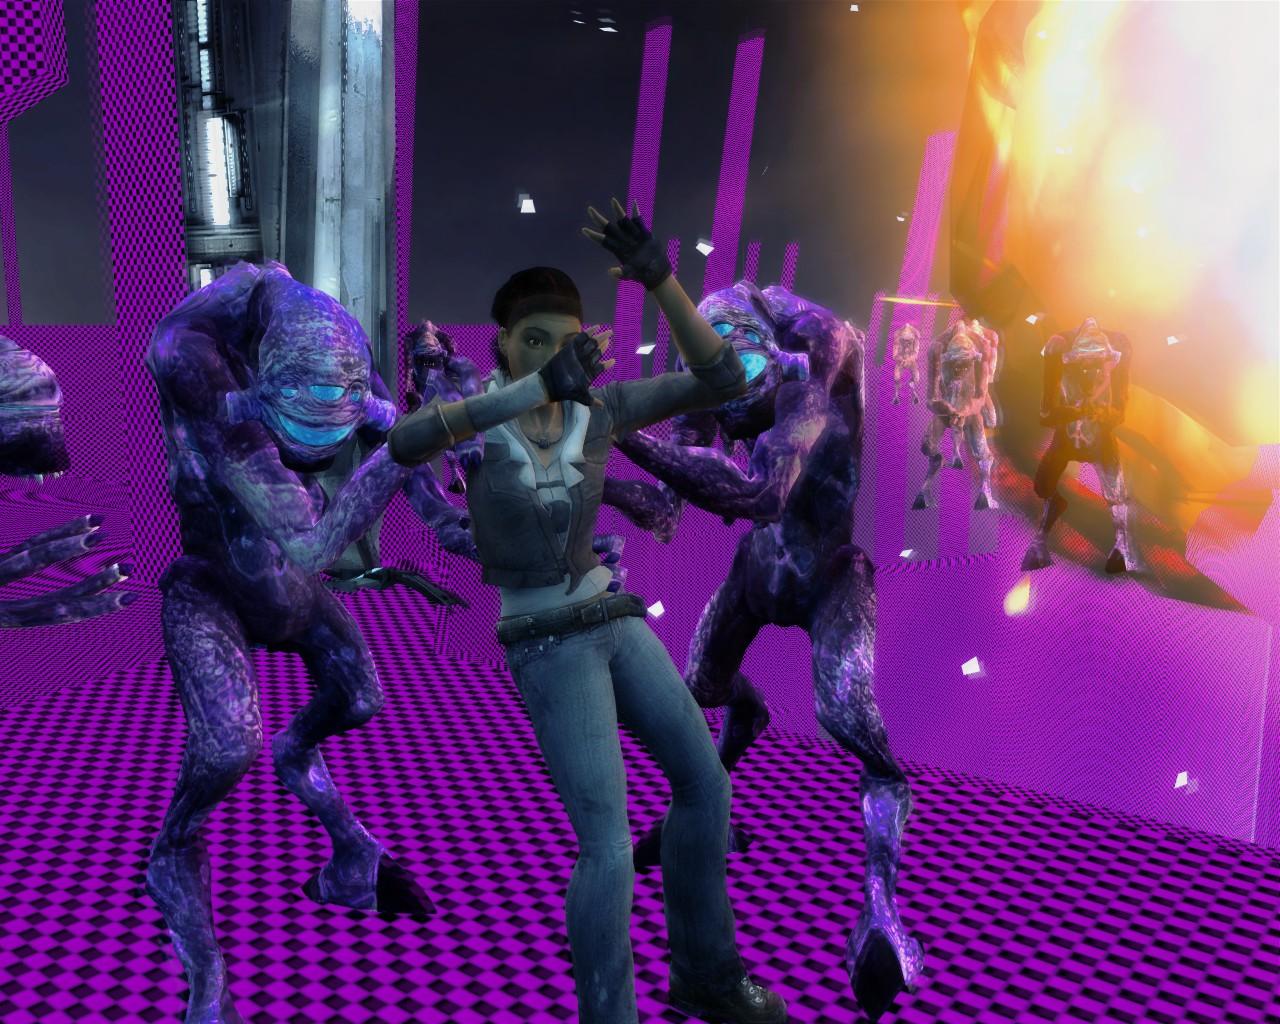 Фиолетовые вортигонты гармонично смотрятся на фоне эмо-клетки - Half-Life 2 вортигонты, допился до фиолетовых вортигонтов, мымра, Эп1